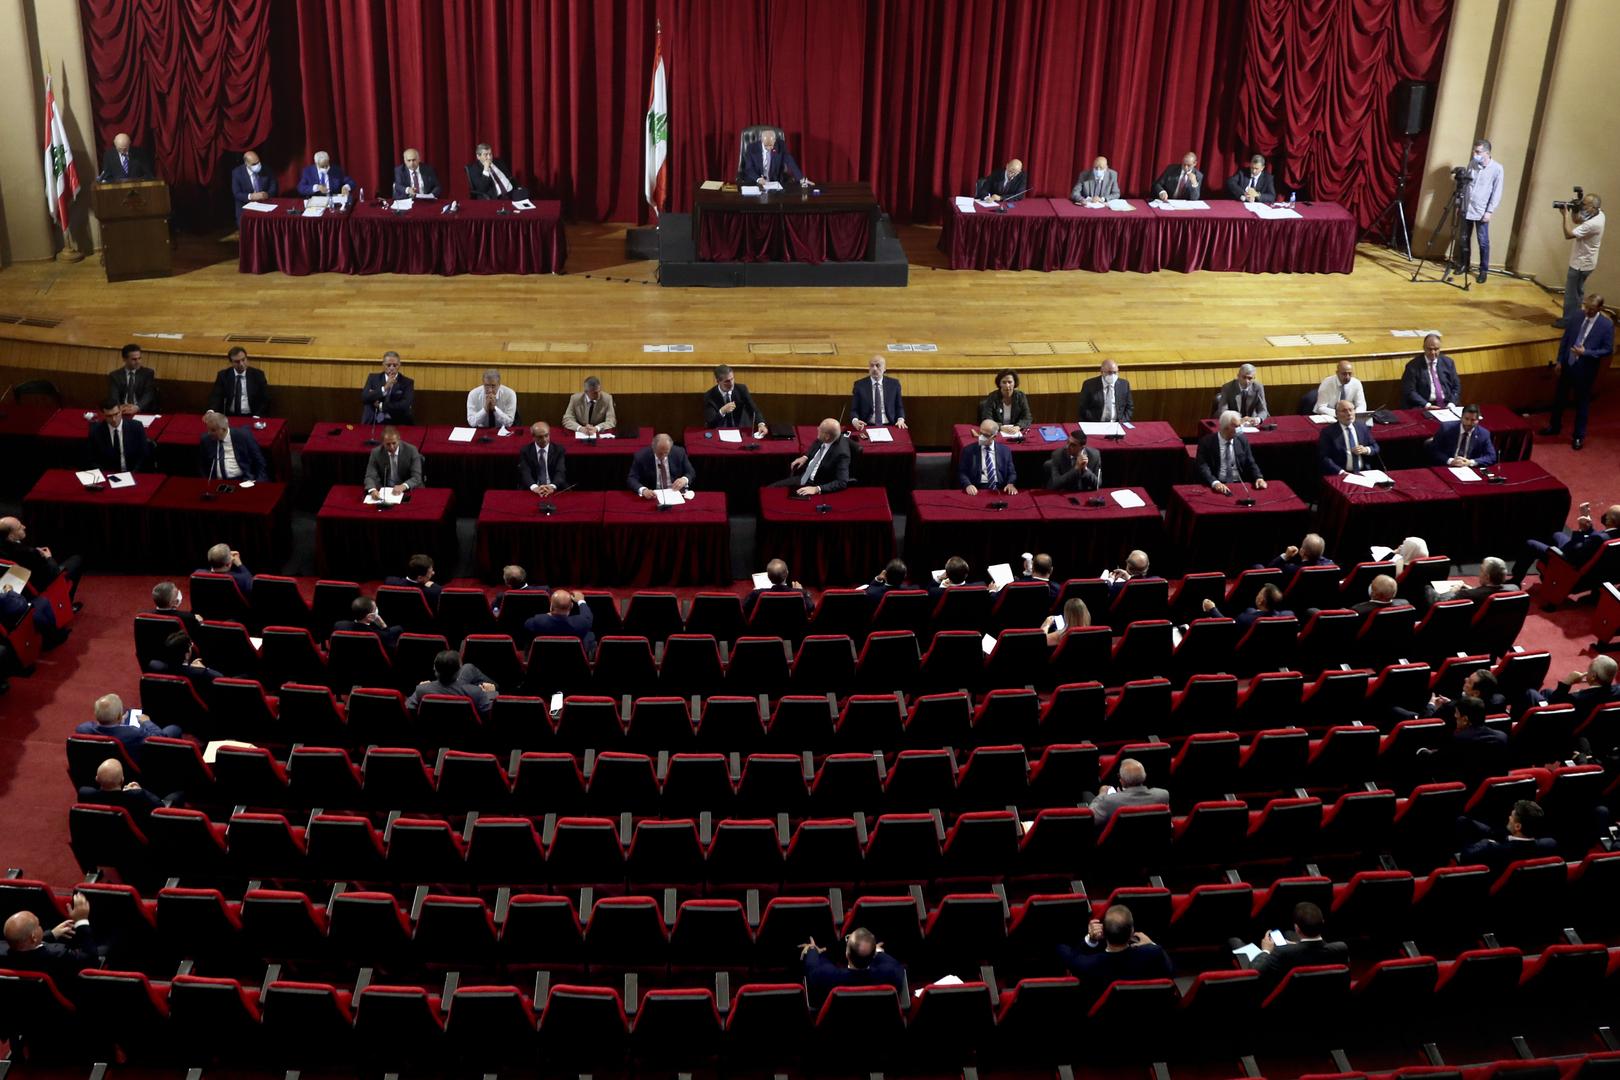 مجلس النواب اللبناني يمنح الثقة لحكومة نجيب ميقاتي